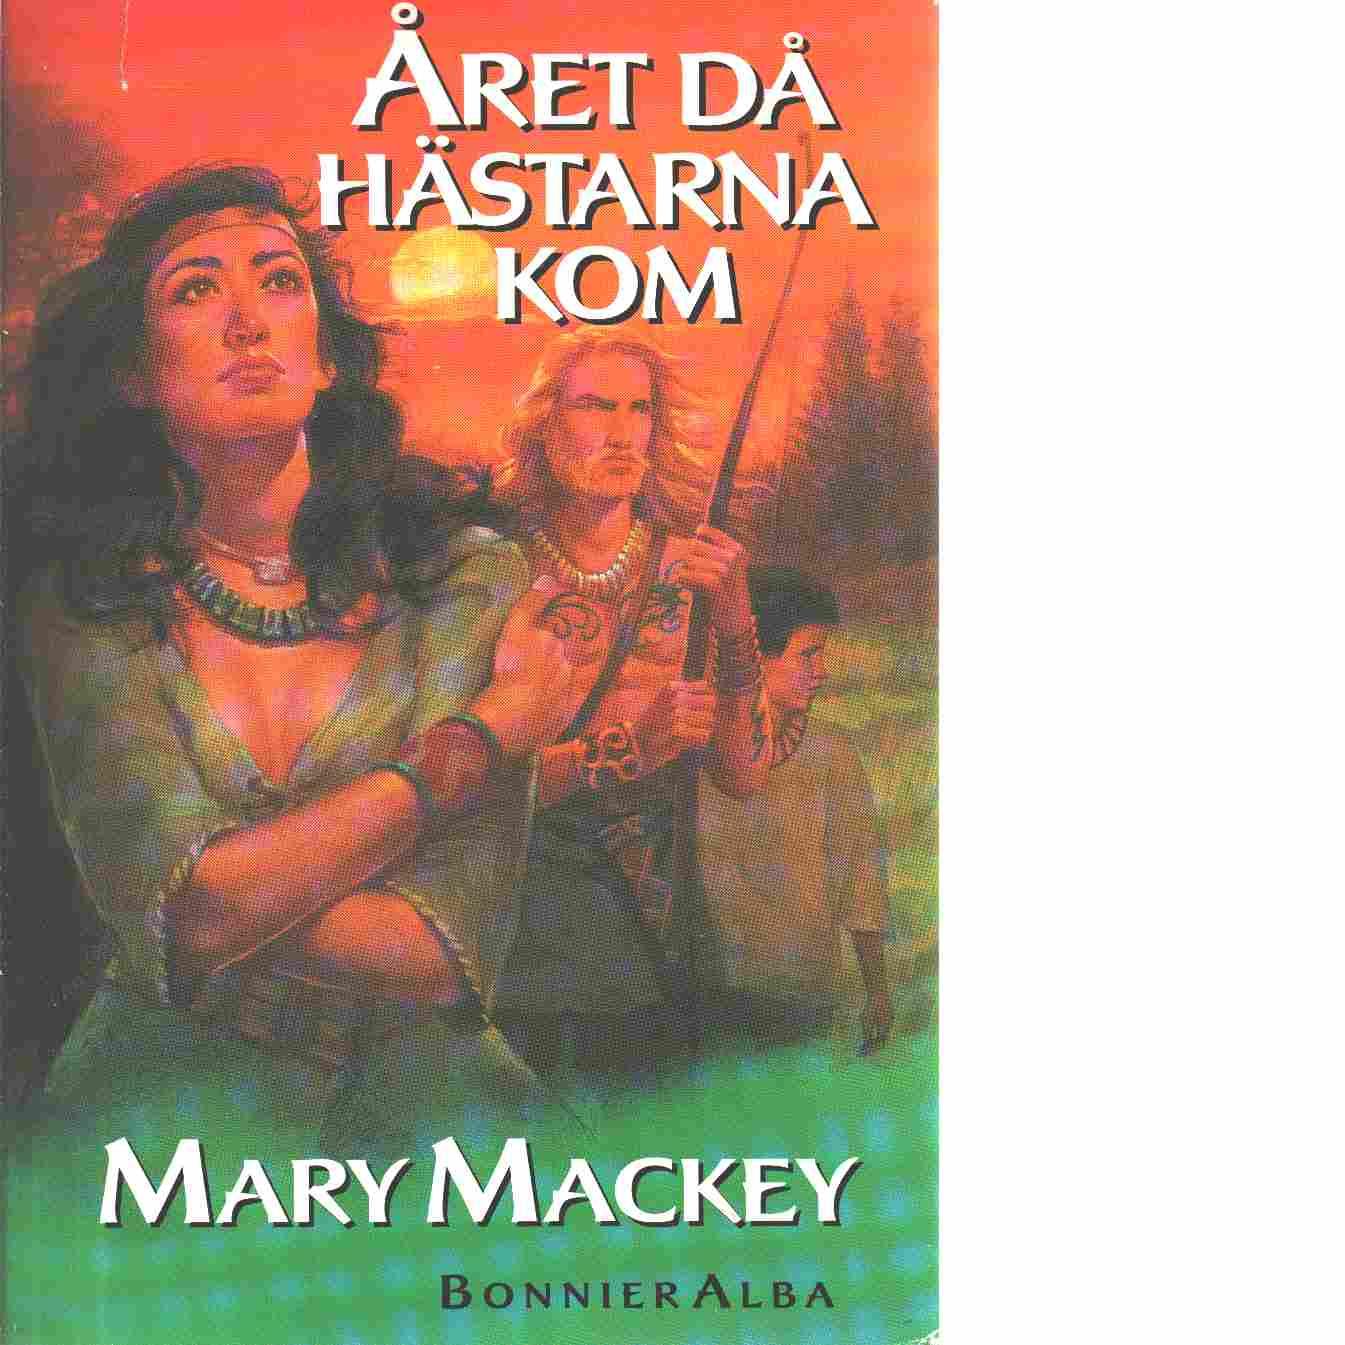 Året då hästarna kom - Mackey, Mary